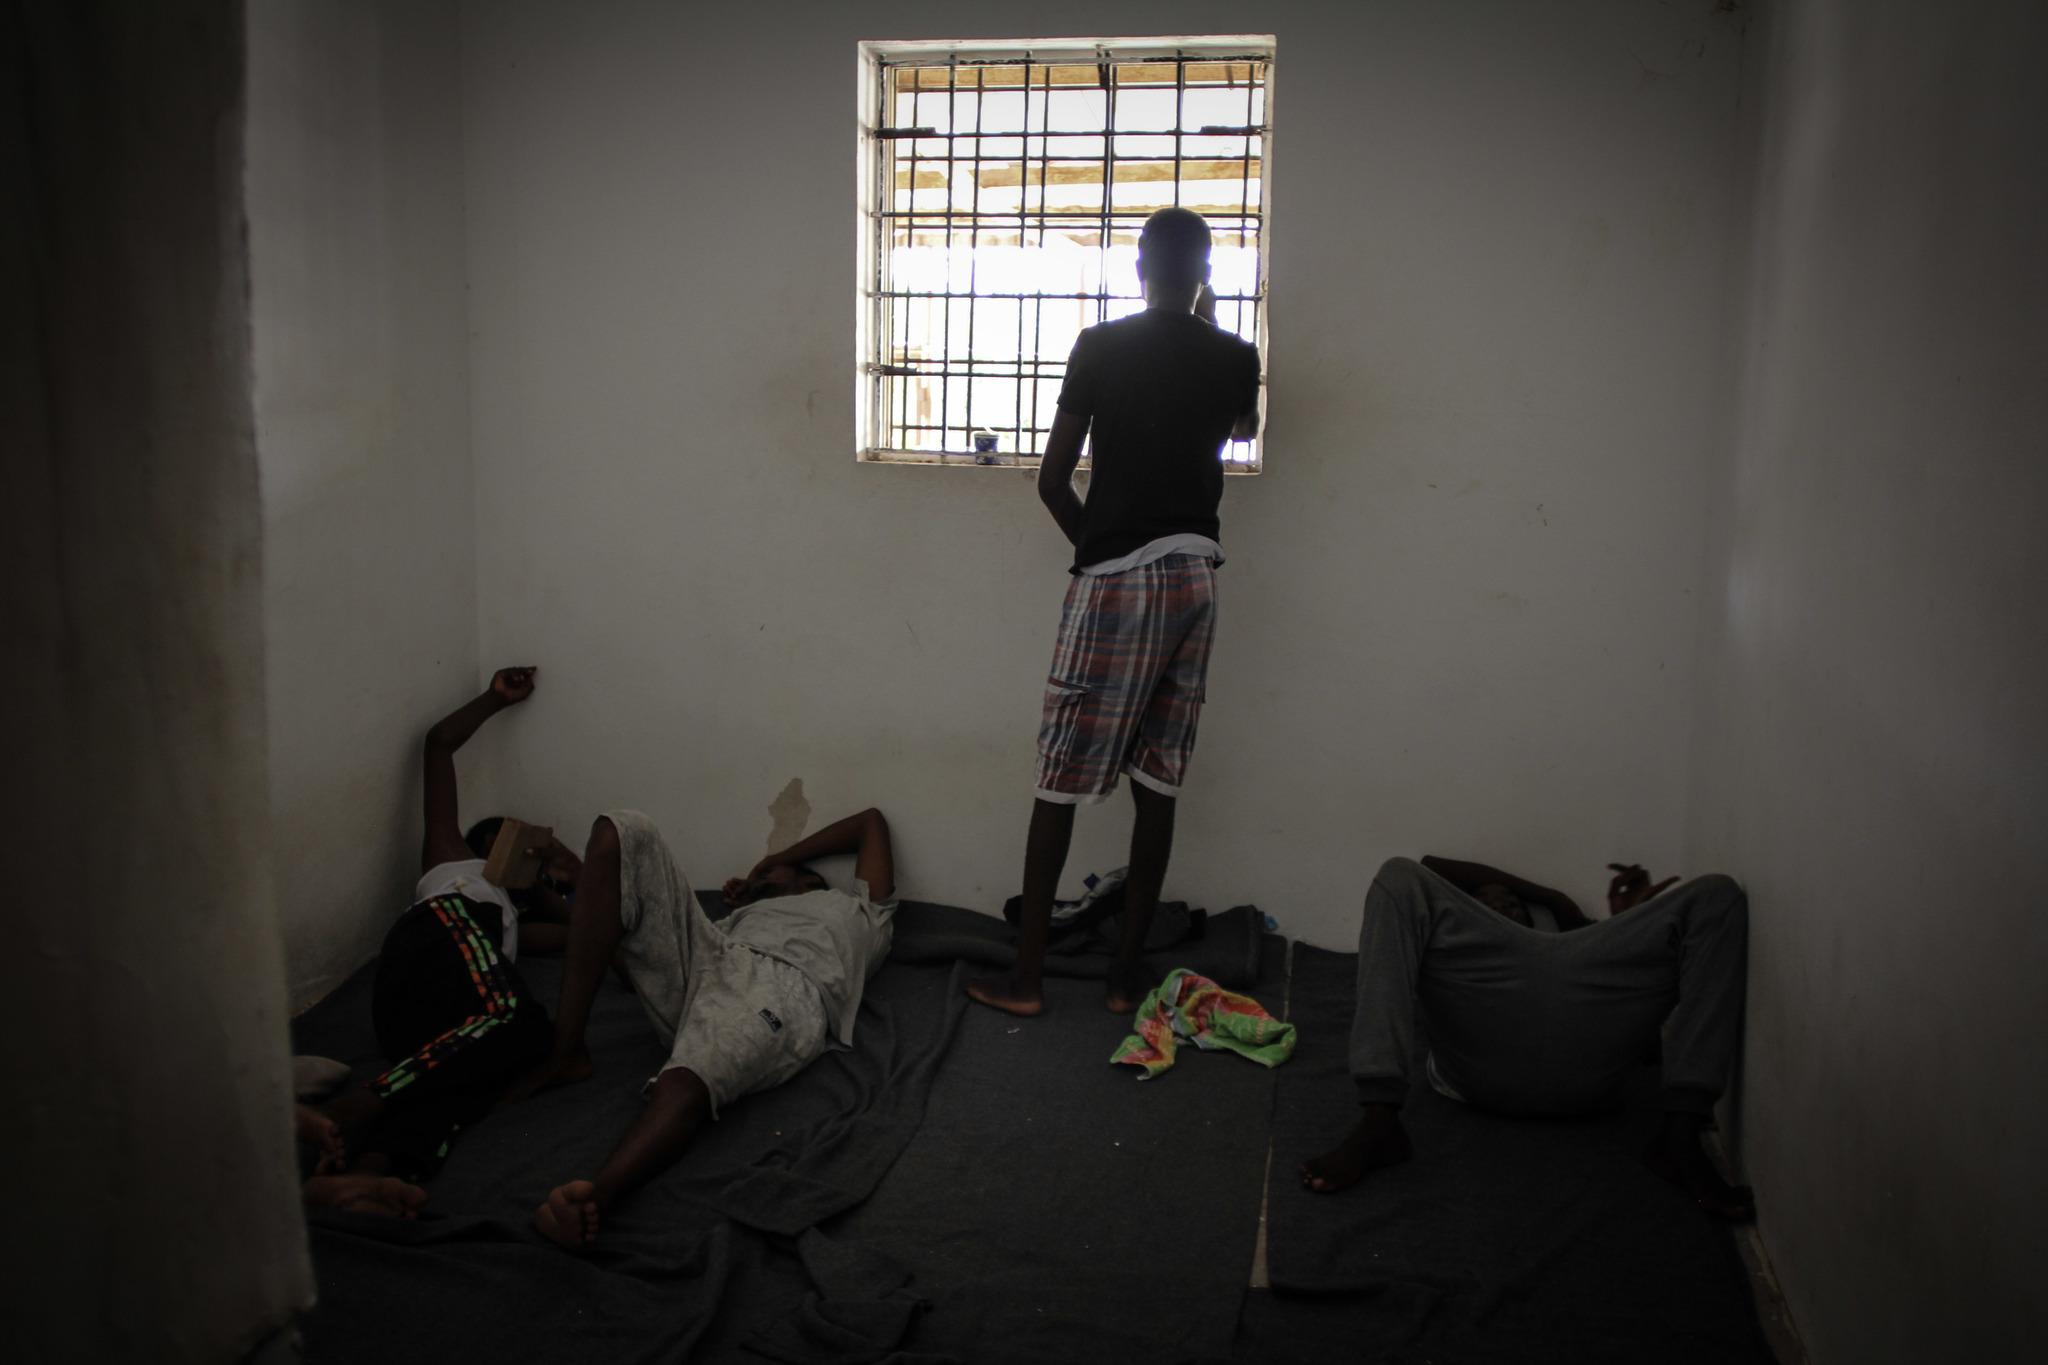 Imagen del interior del centro de detención para inmigrantes en Libia.